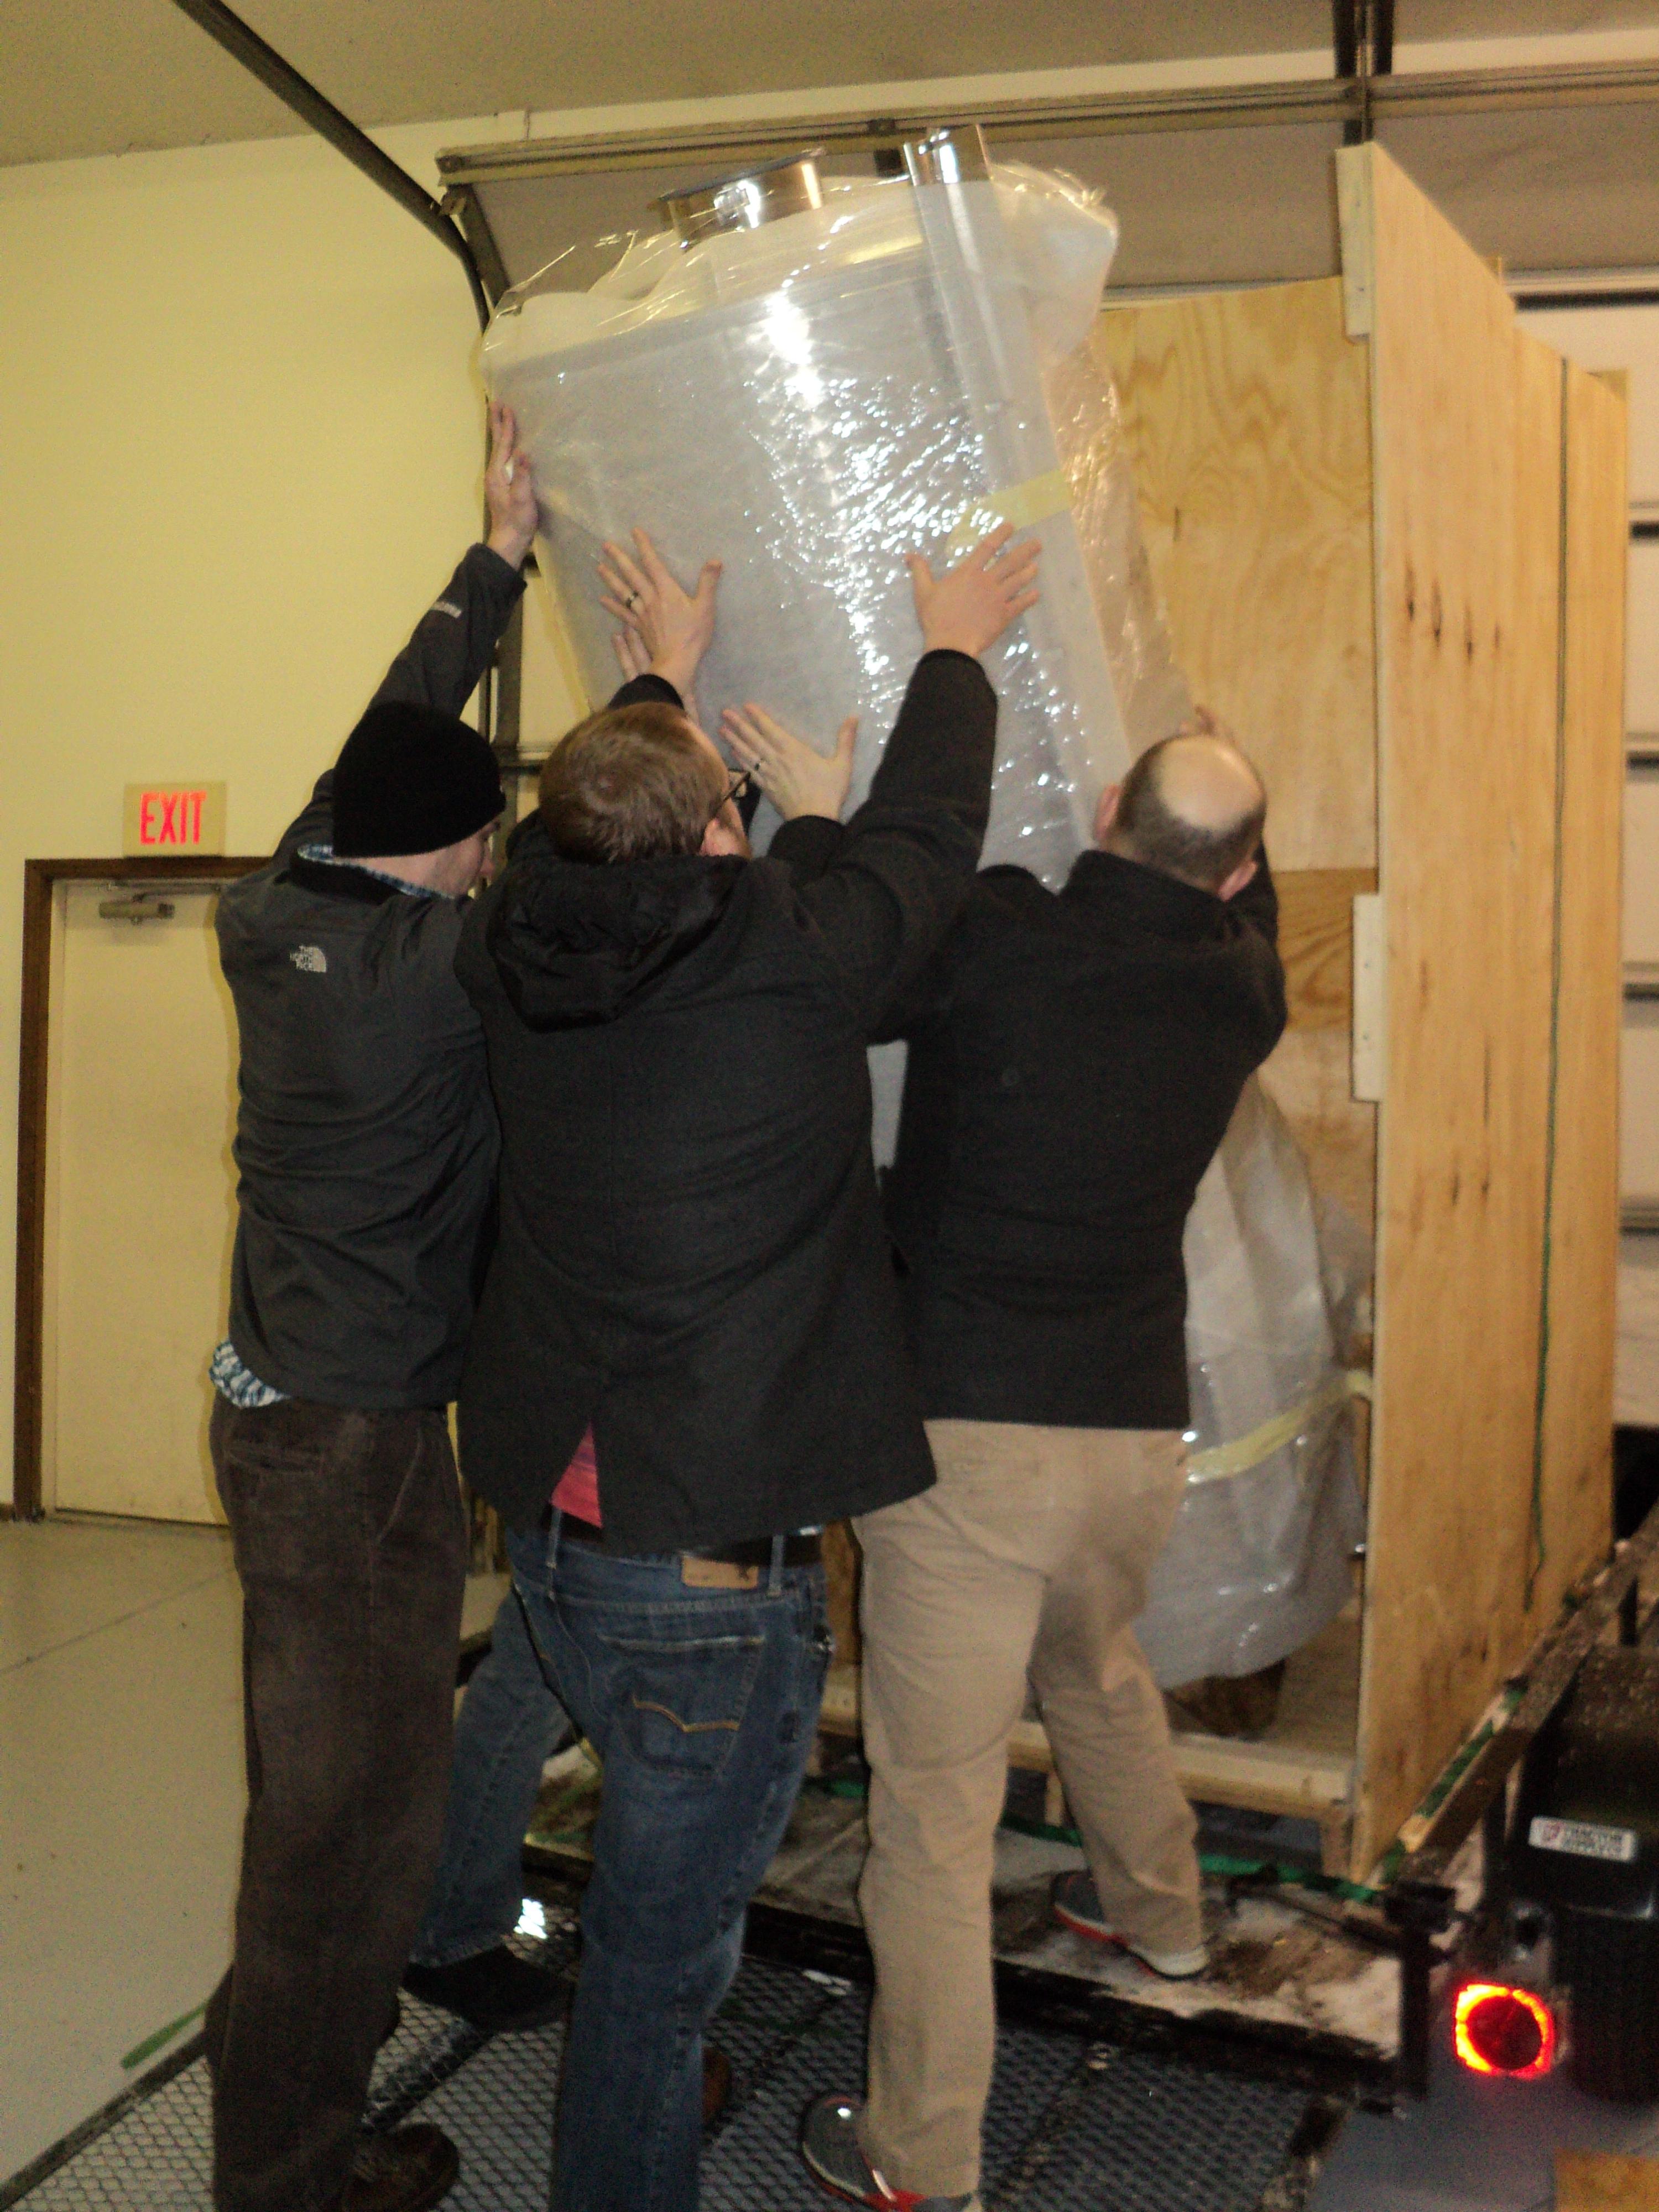 Uncrating the new fermentors